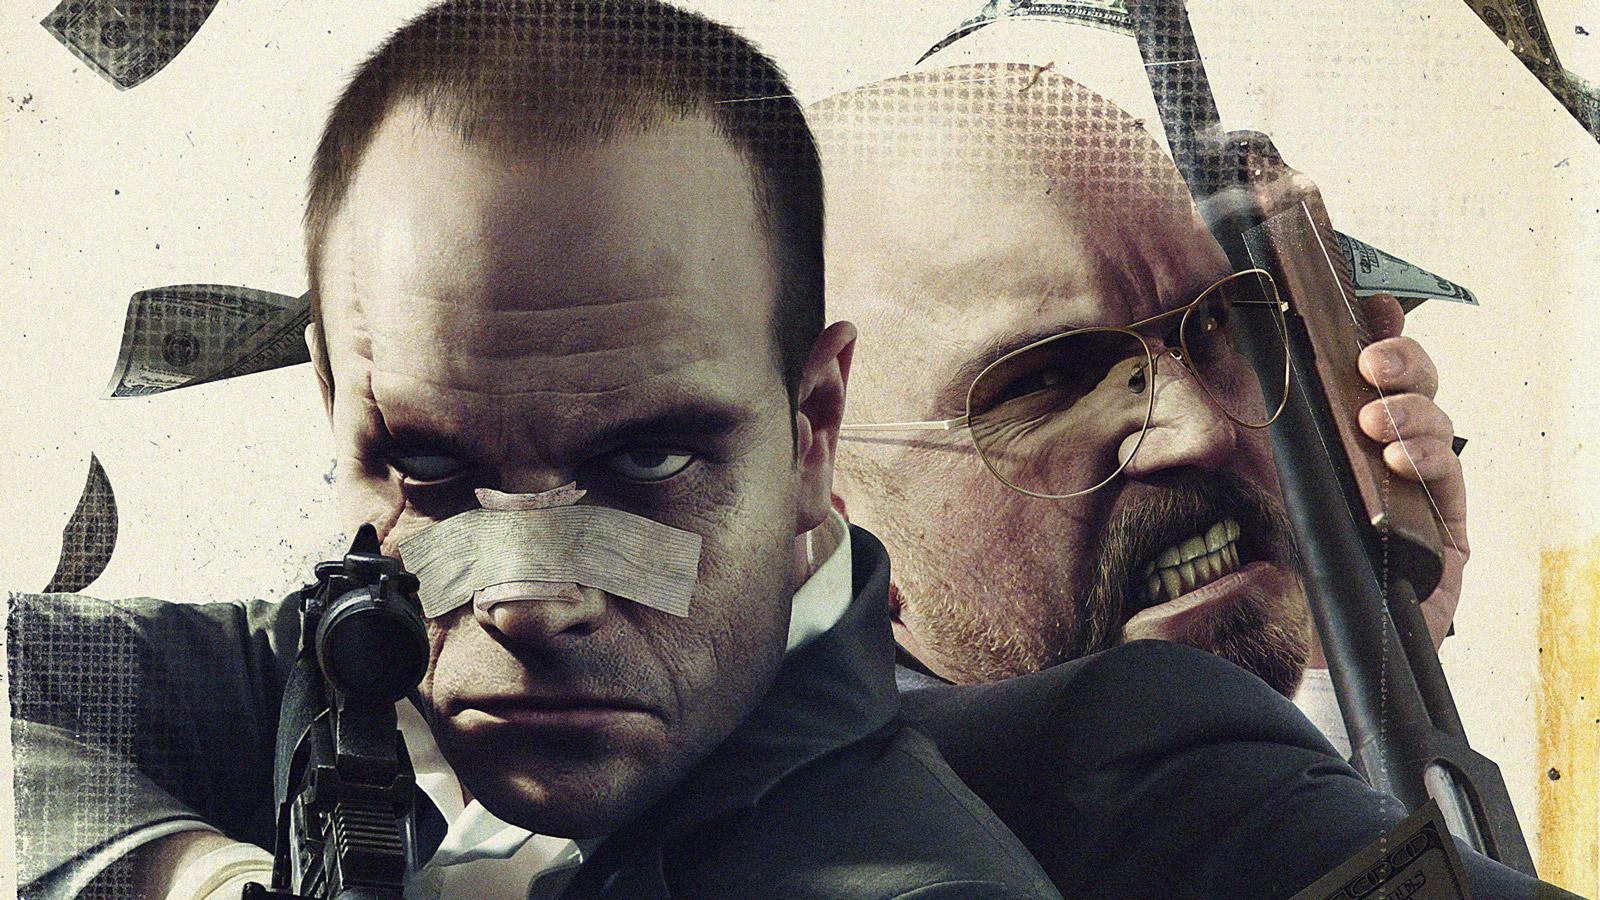 Kane & Lynch: Dead Men Wallpaper in 1600x900